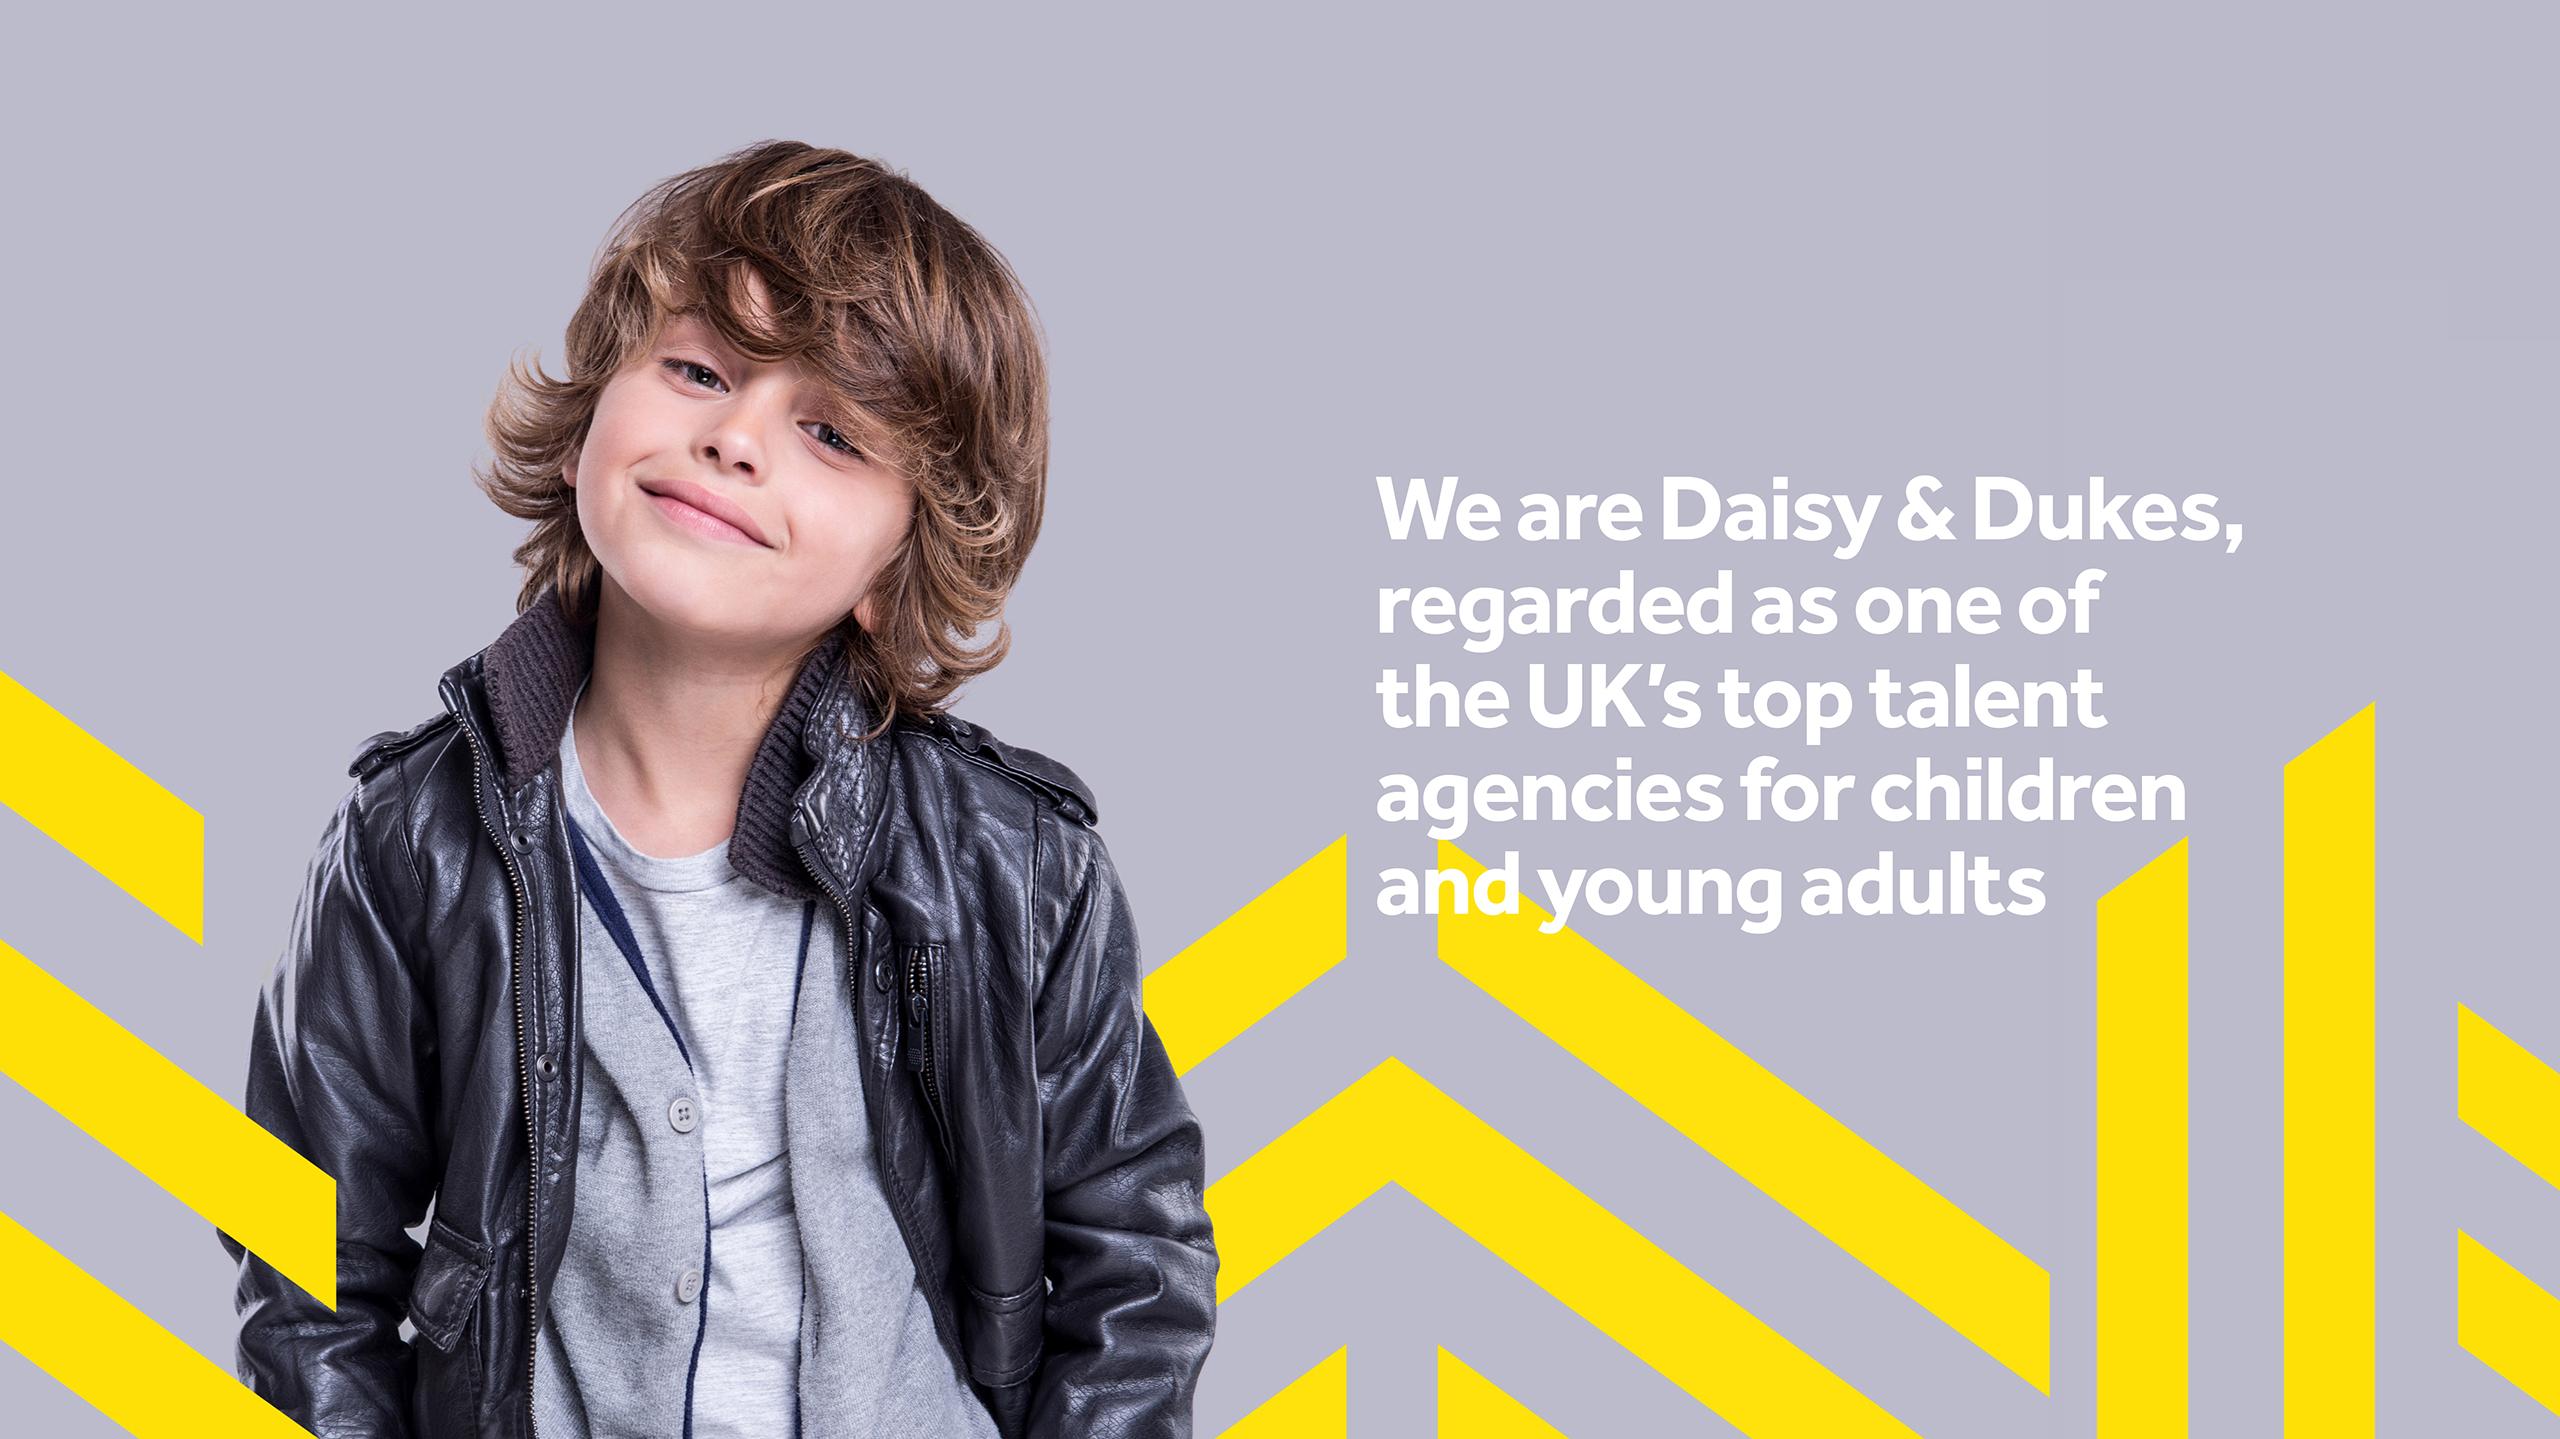 Daisy dating agency